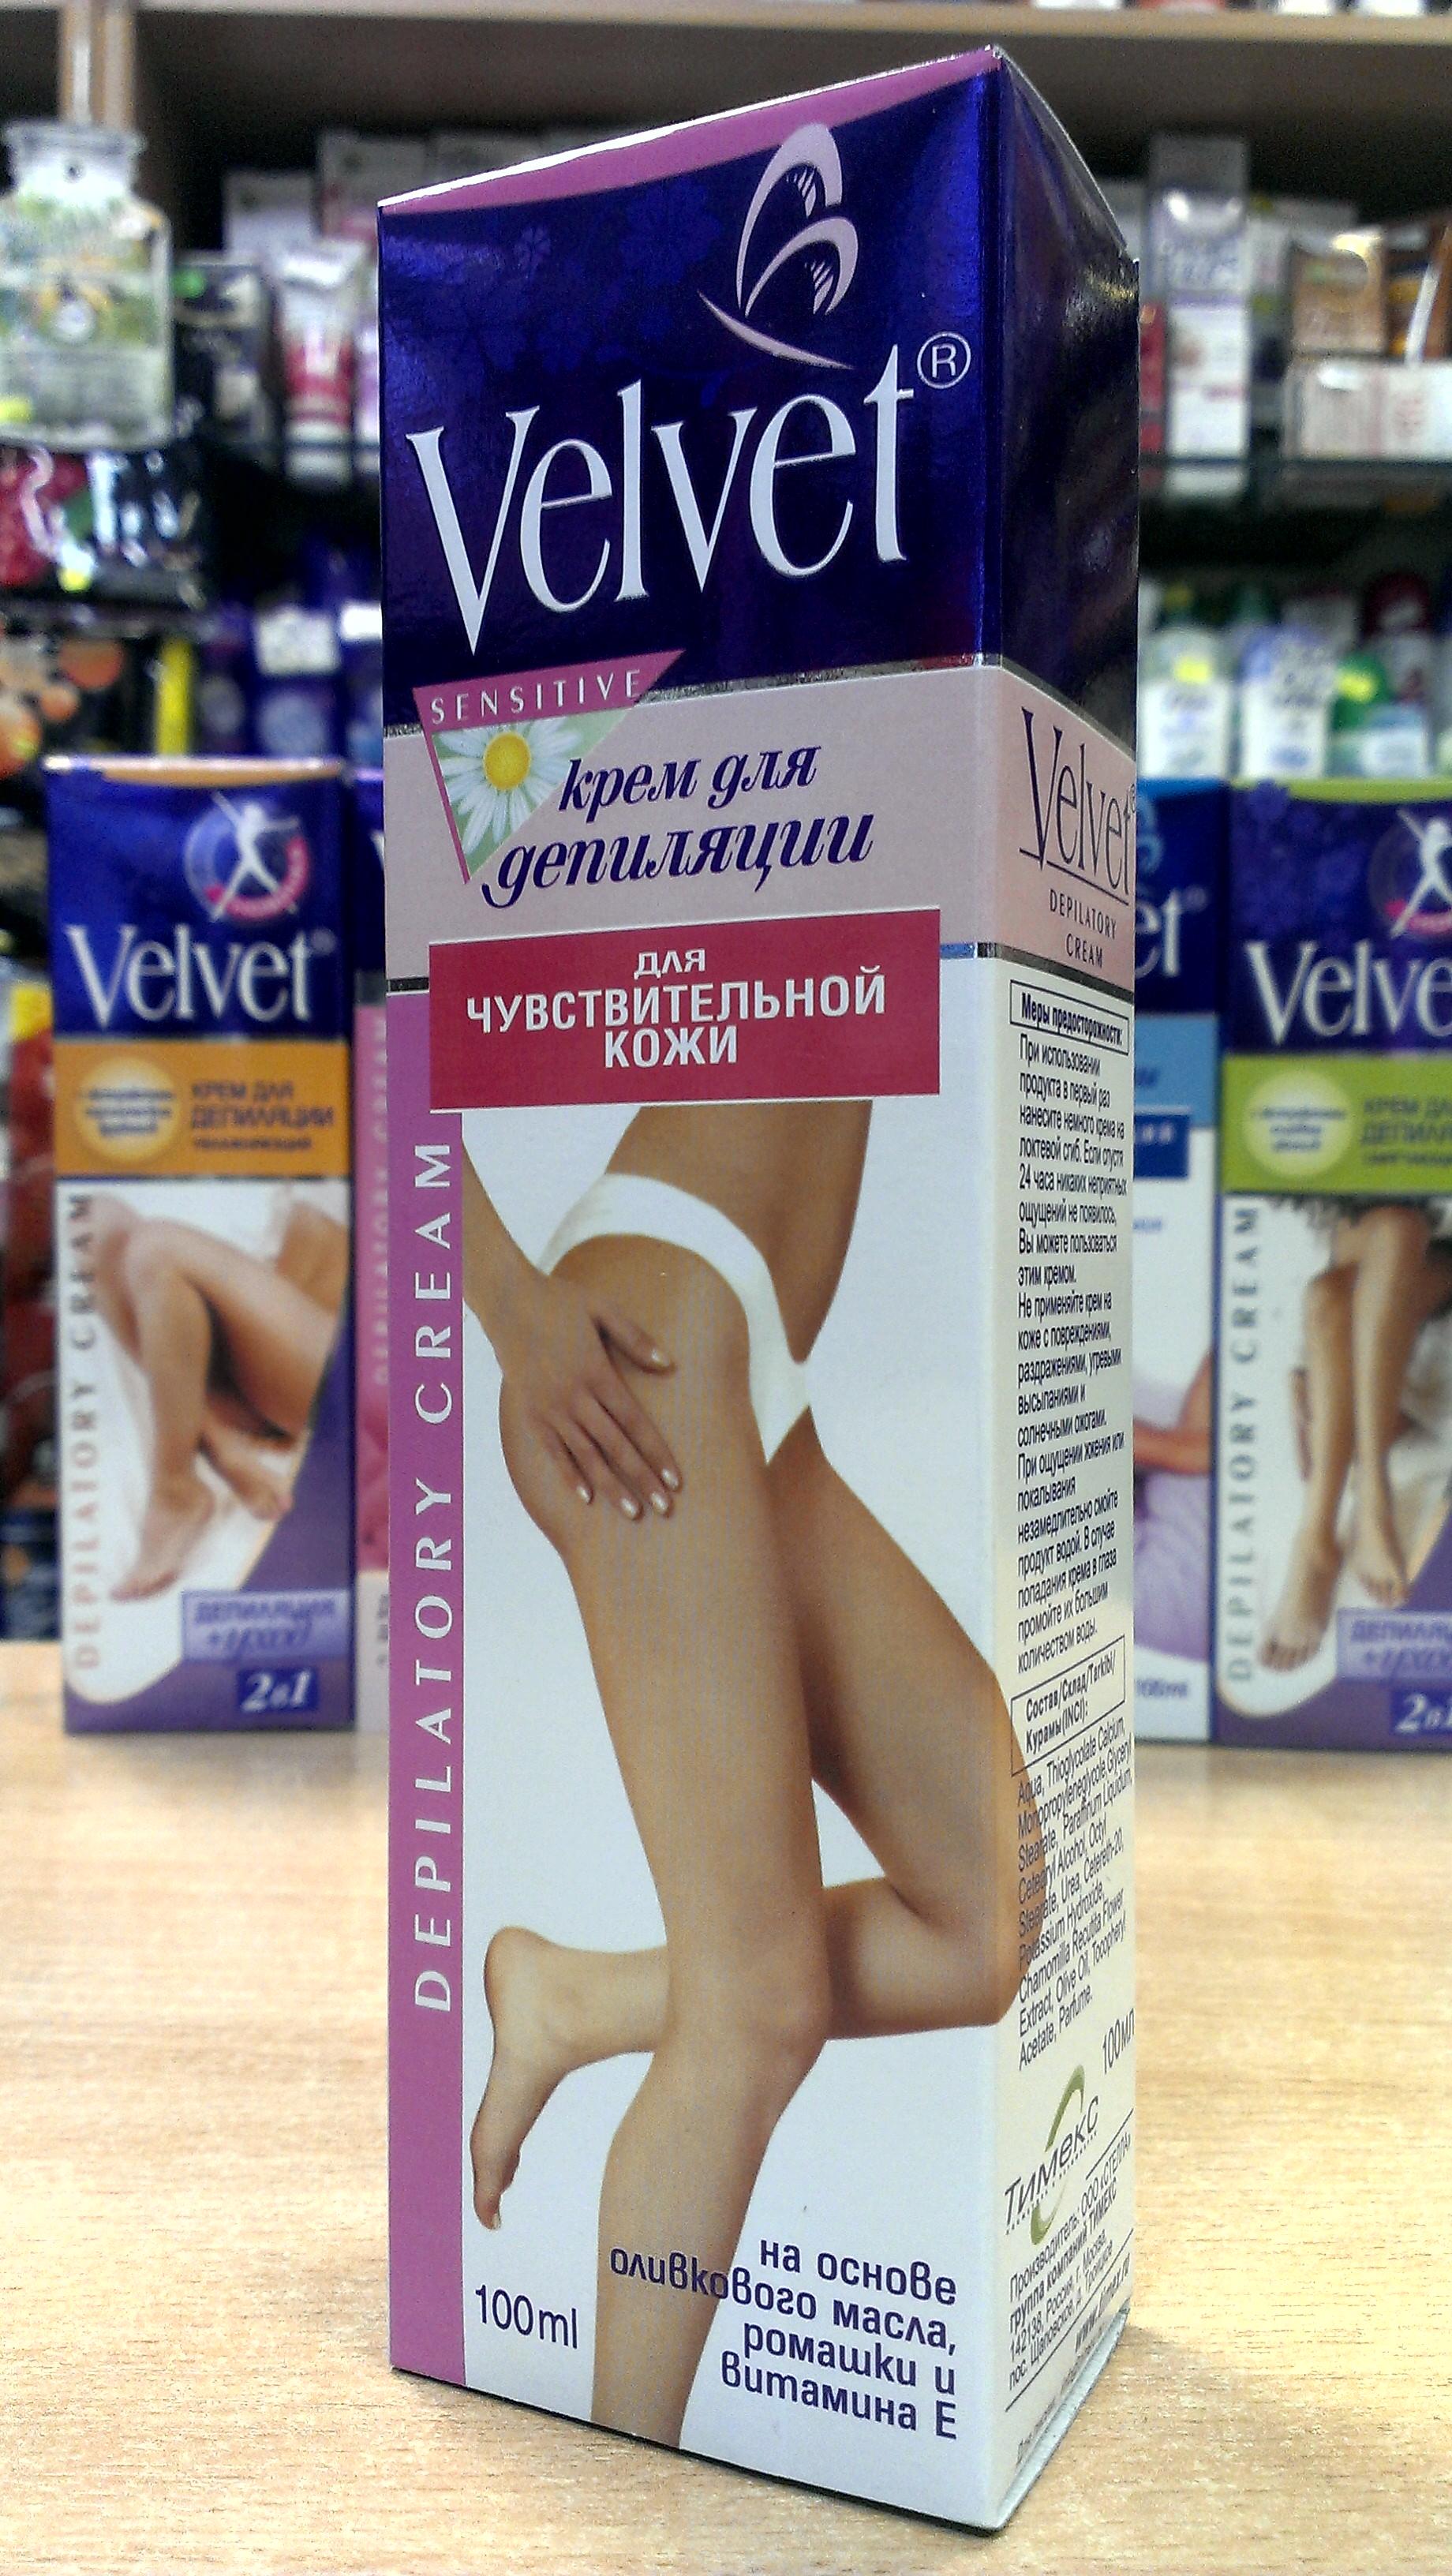 крем для депиляции velvet отзывы